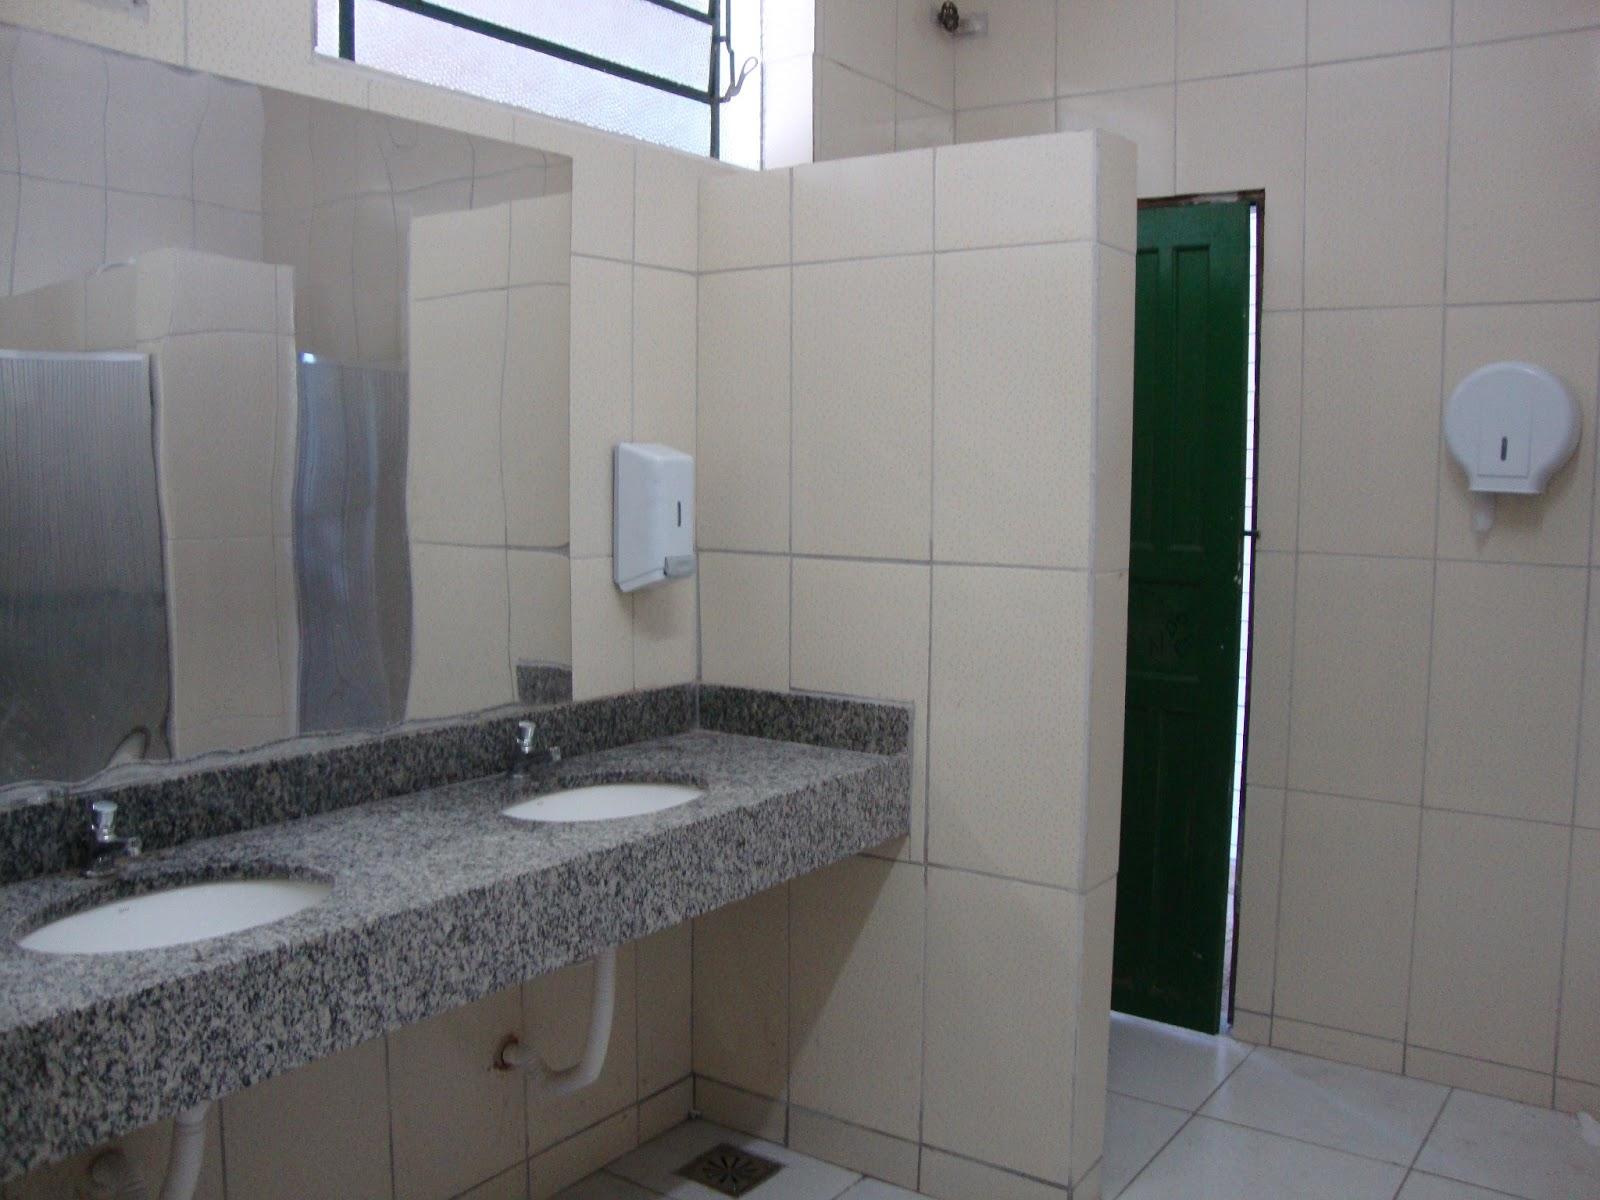 EM Prof.Teófilo Moreira da Costa: NOVO BANHEIRO FEMININO #596672 1600x1200 Banheiro Azulejado